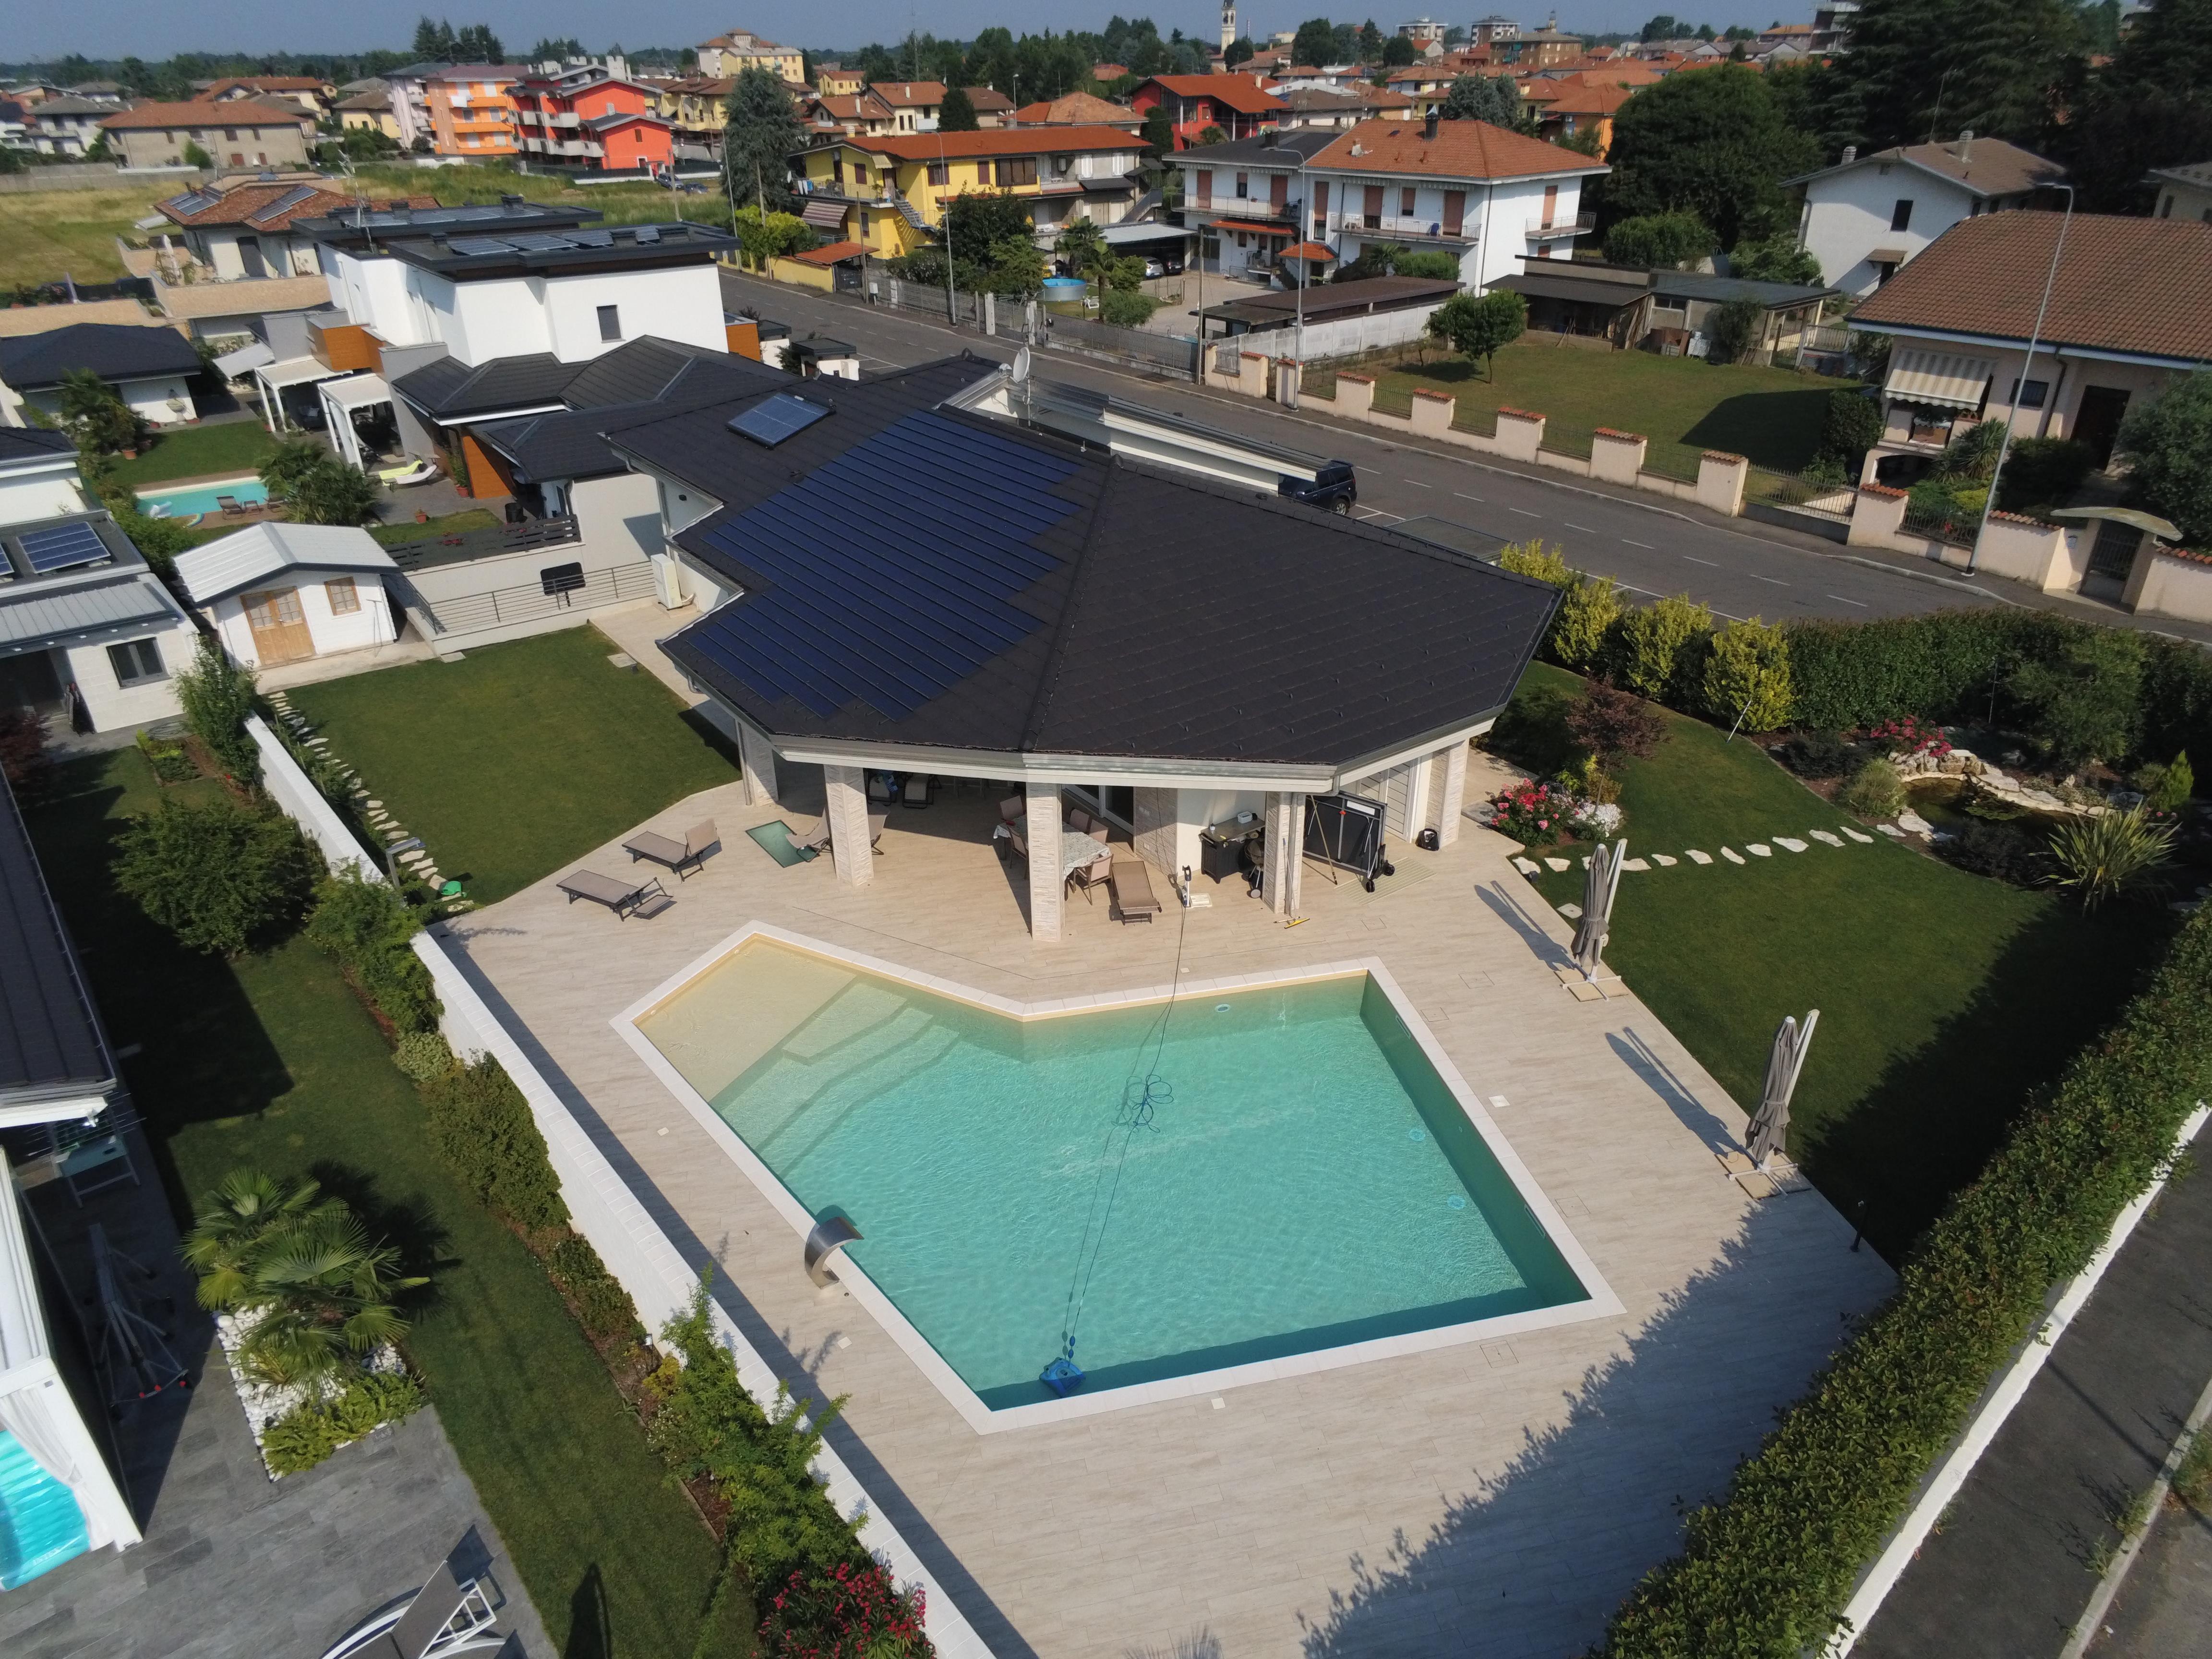 Prezzi-ville-in-vendita-villa-cortese